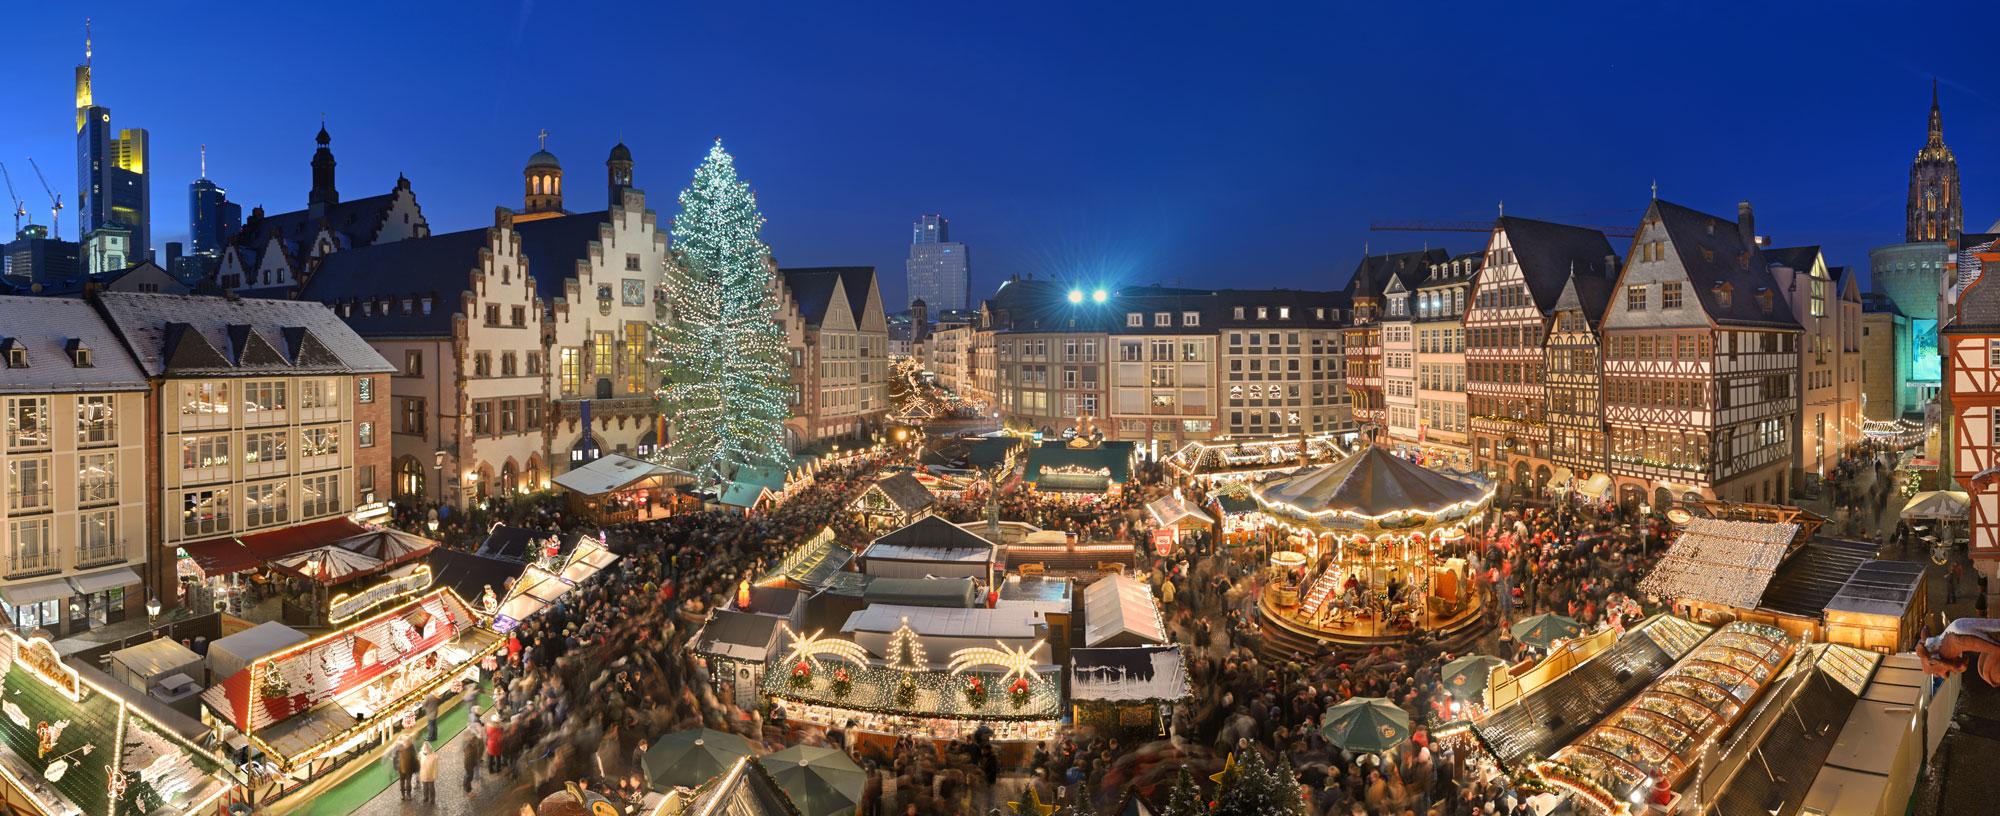 Atmosfera vibrantă de Crăciun din Frankfurt